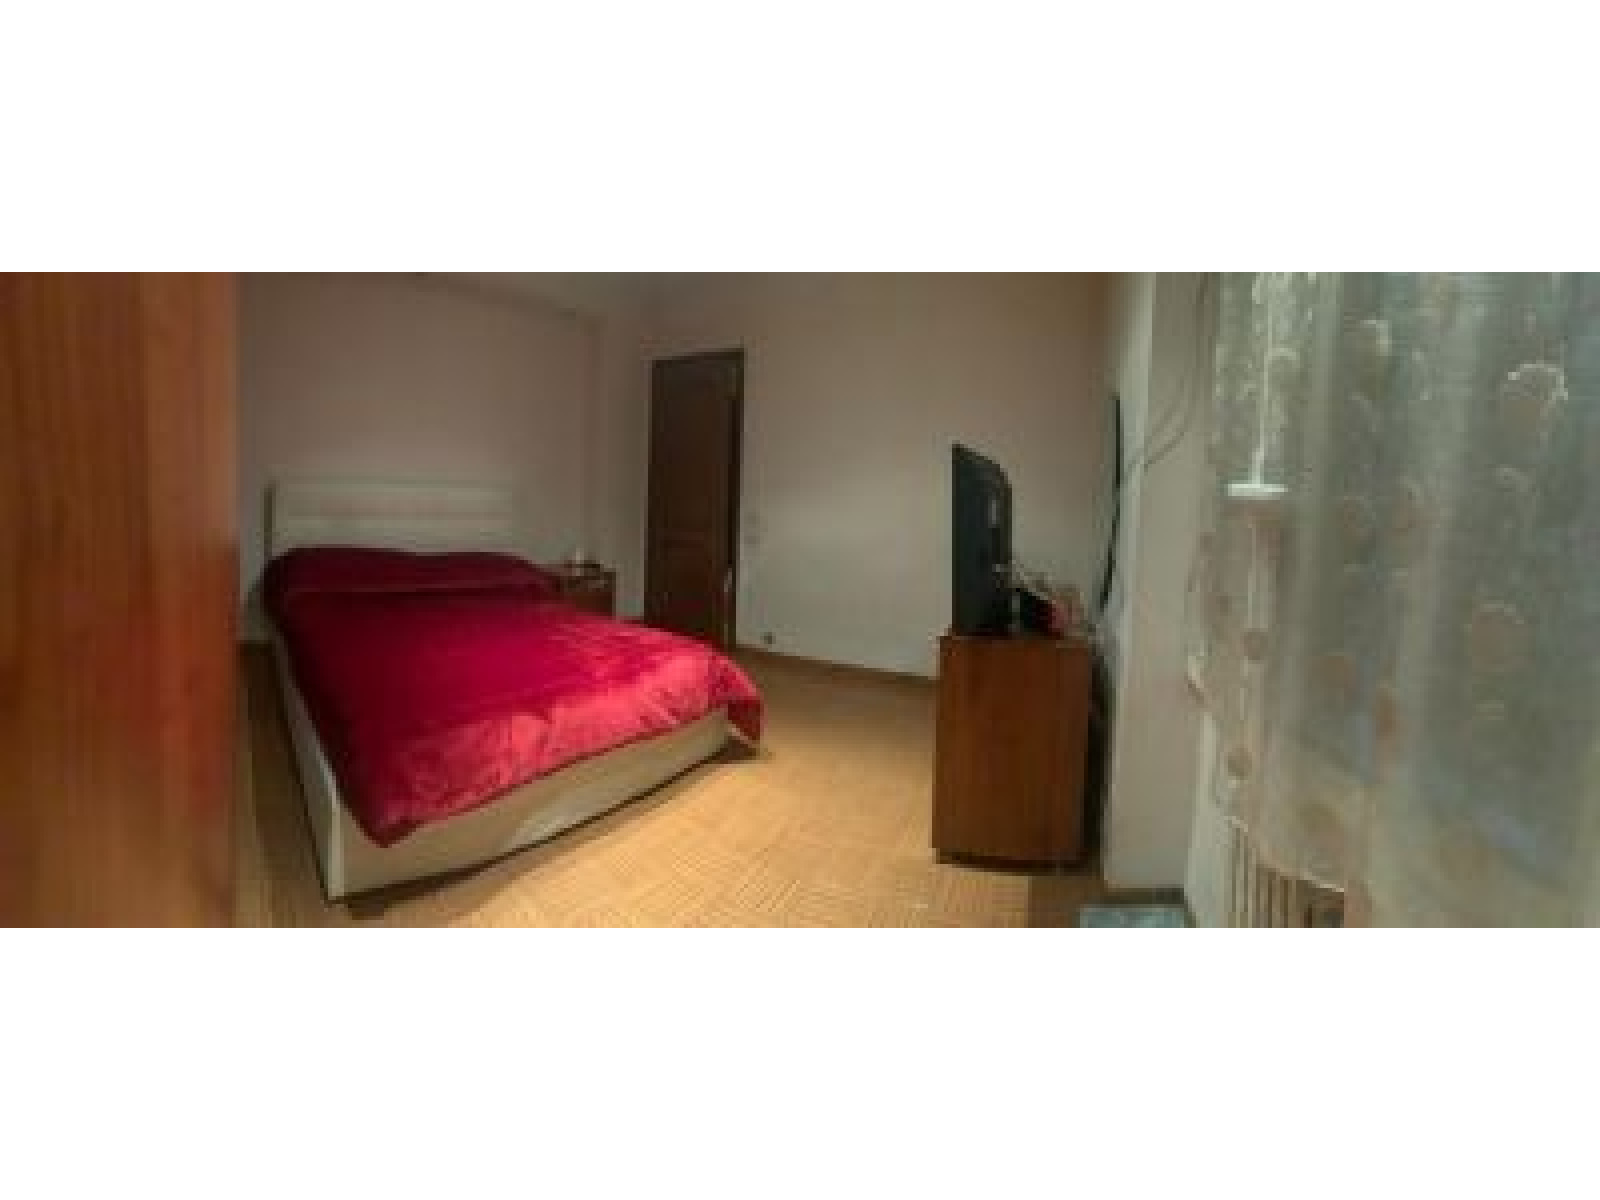 appartamento in vendita Piazza della Radio zona Marconi 1 Camera da Letto